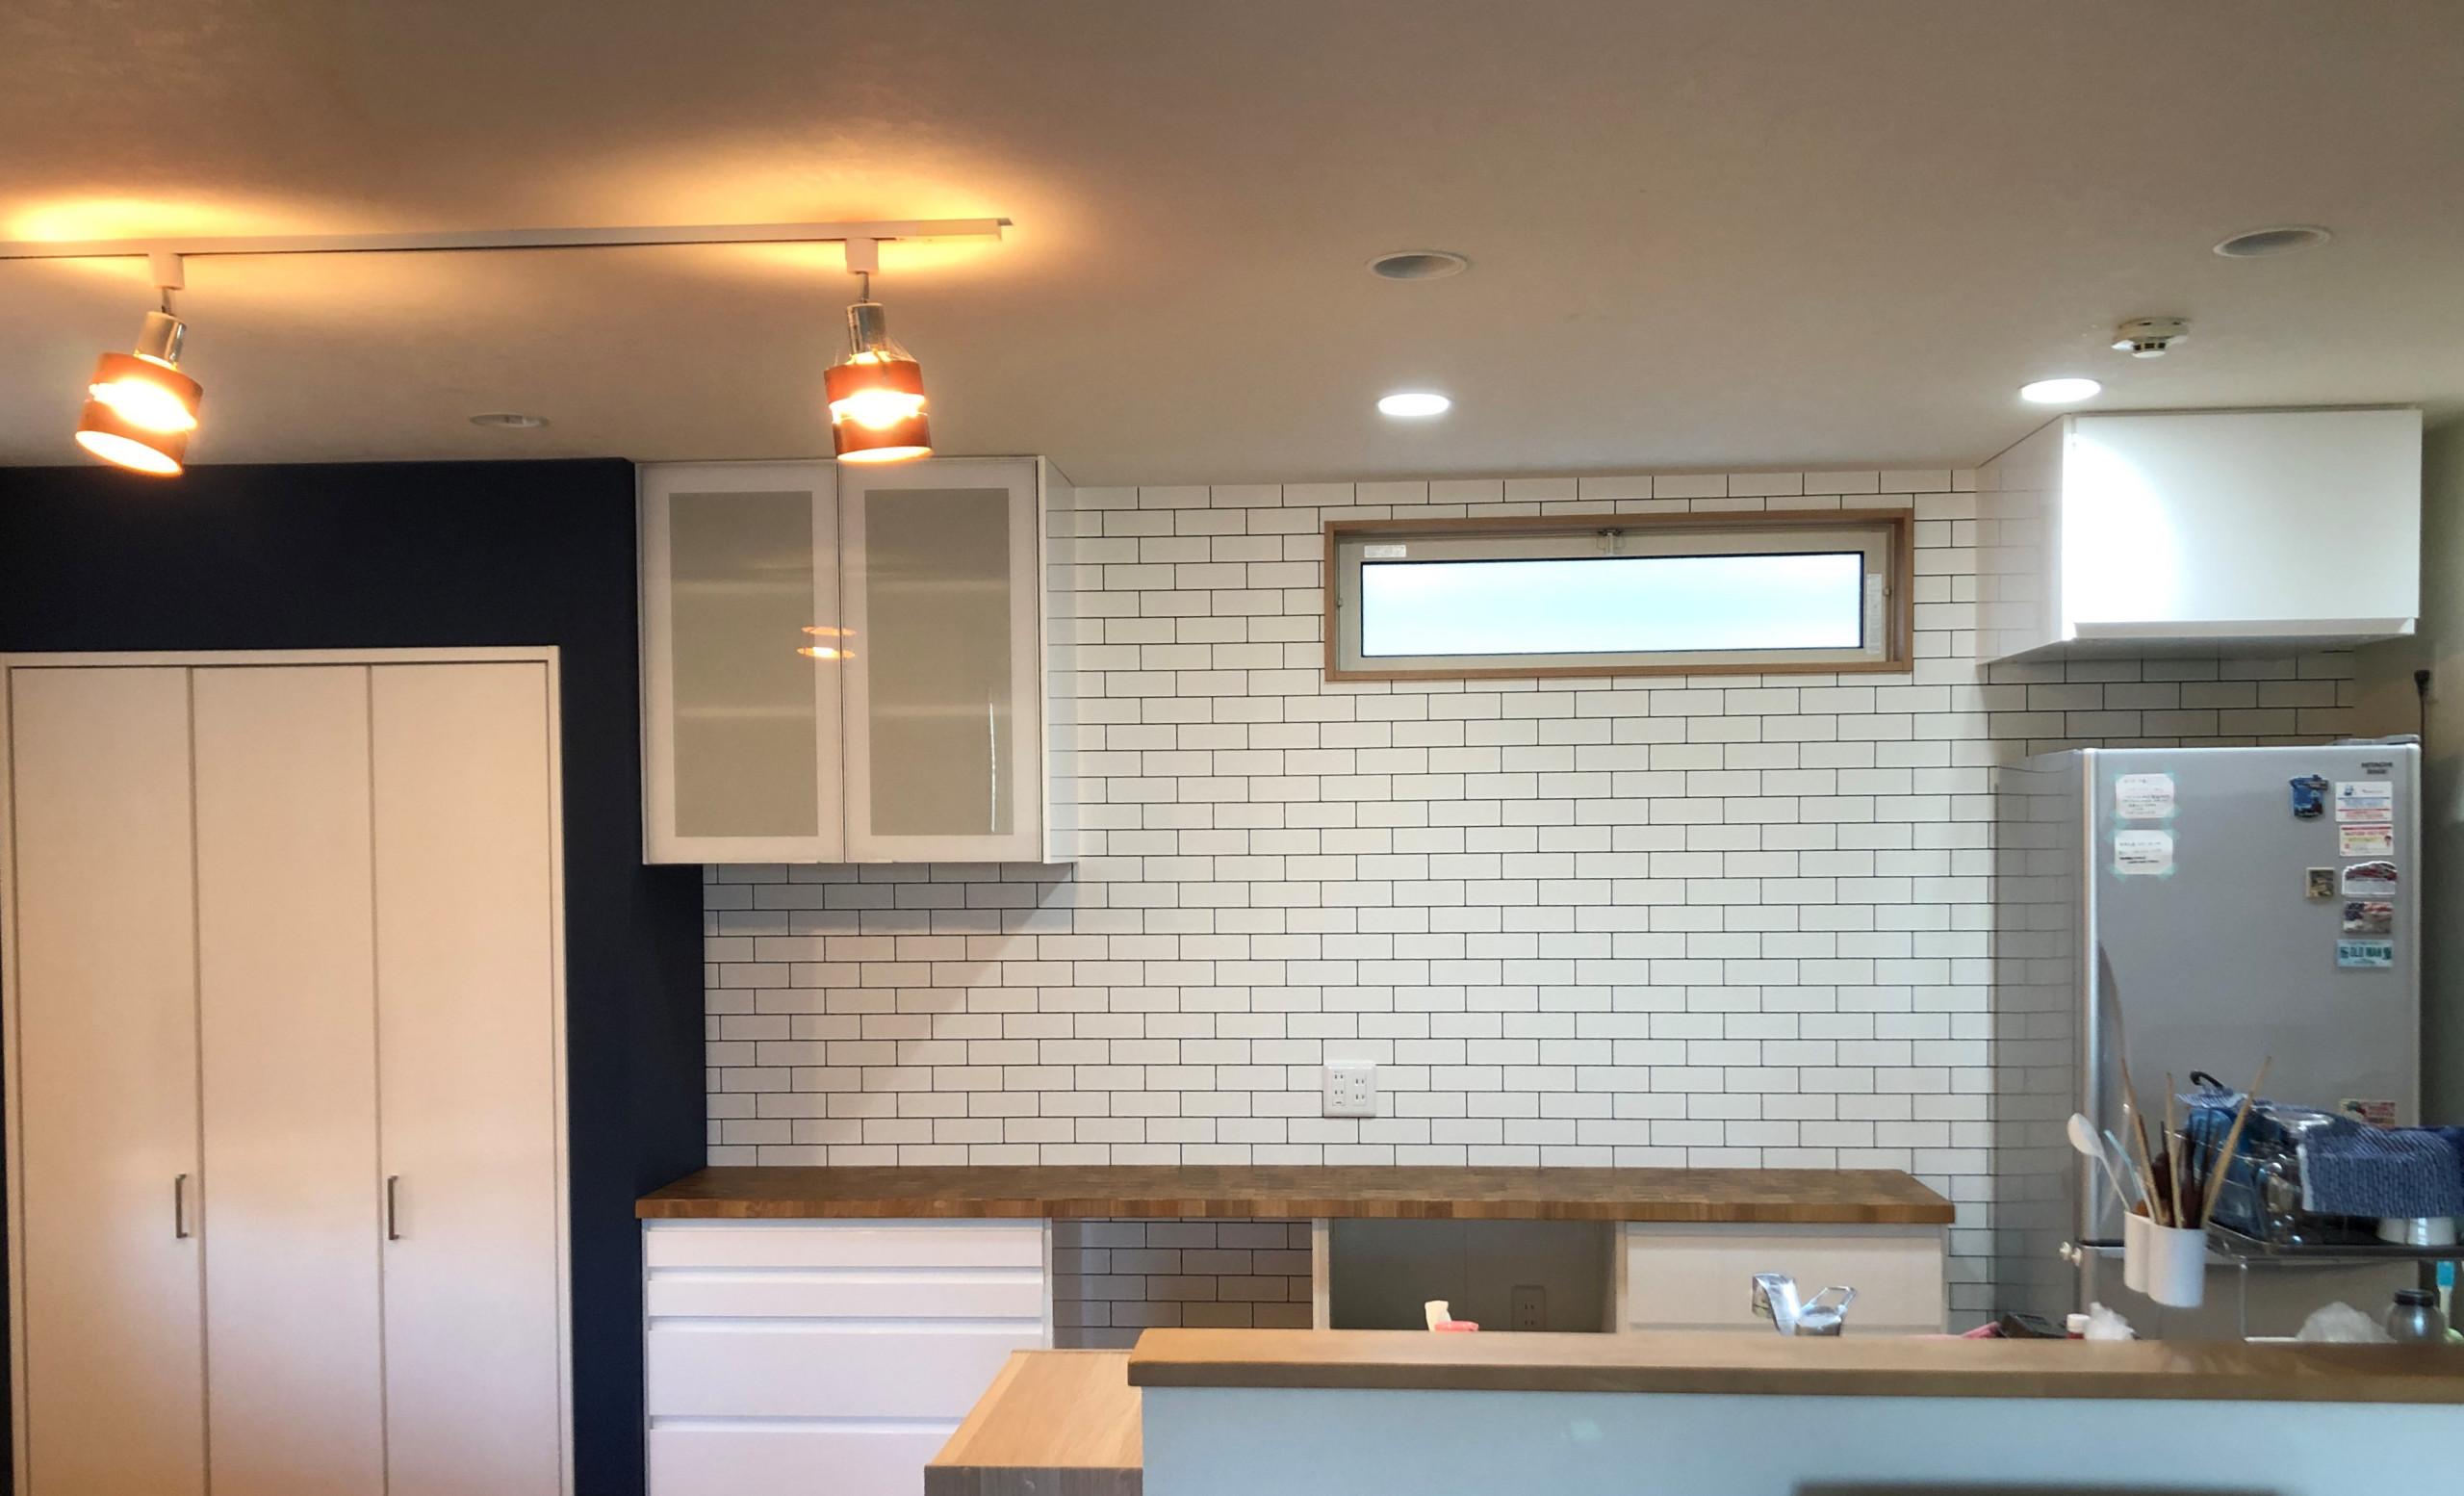 白を基調とした家具と木目のカウンタートップが美しいキッチン